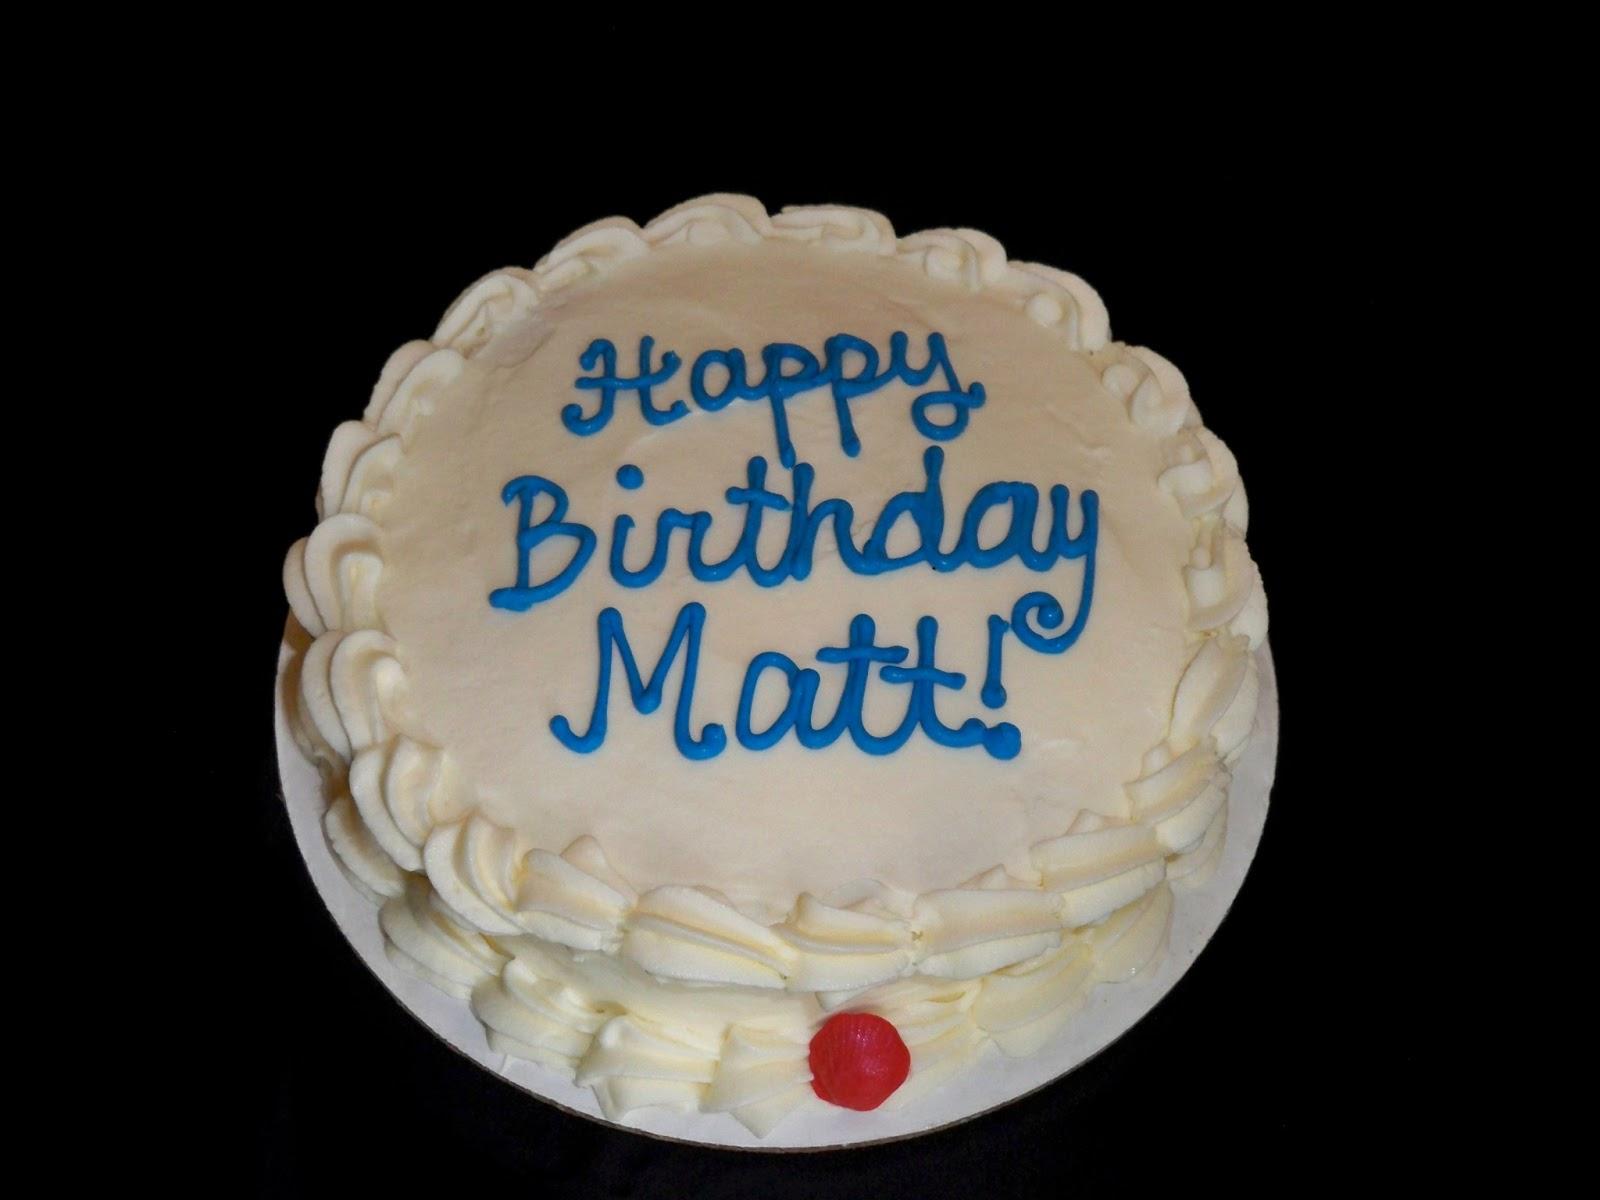 Happy Birthday Matt Cake Images